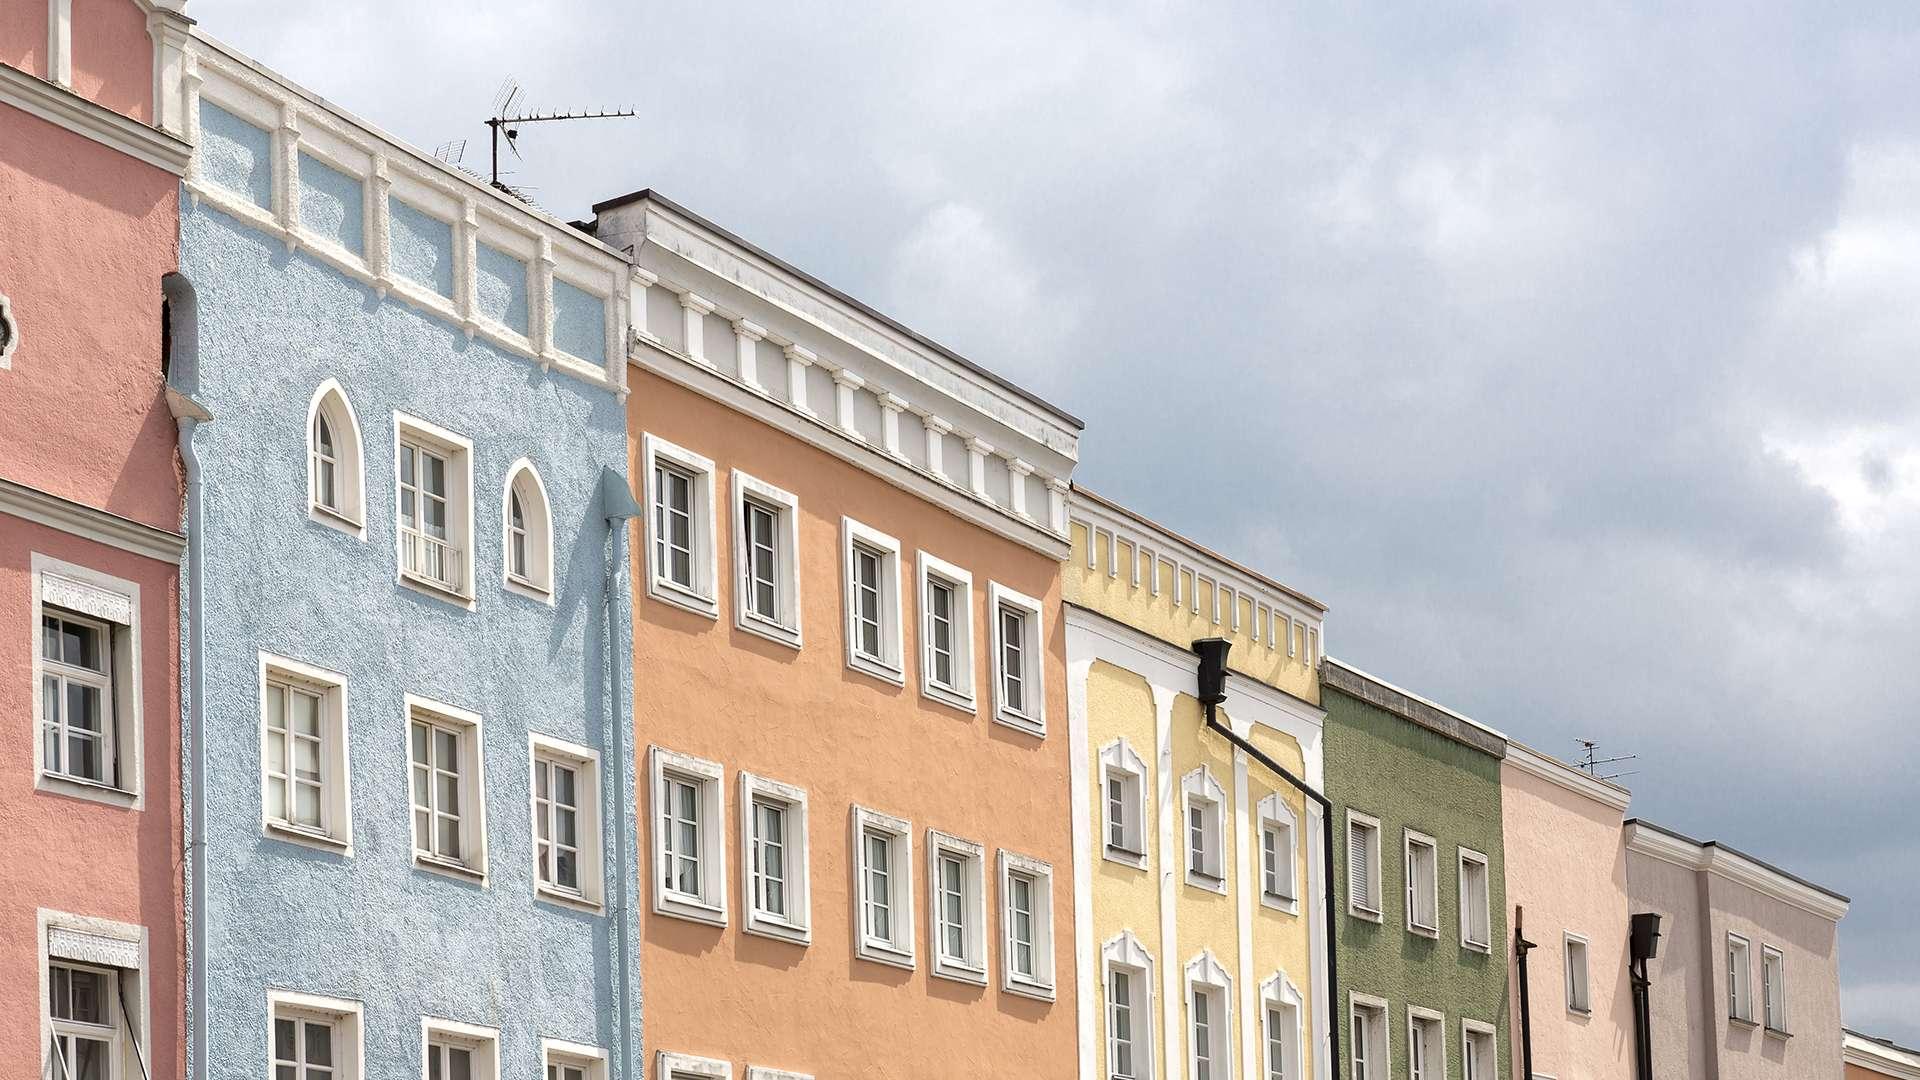 bunte Hausfassaden in der Altstadt von Mühldorf